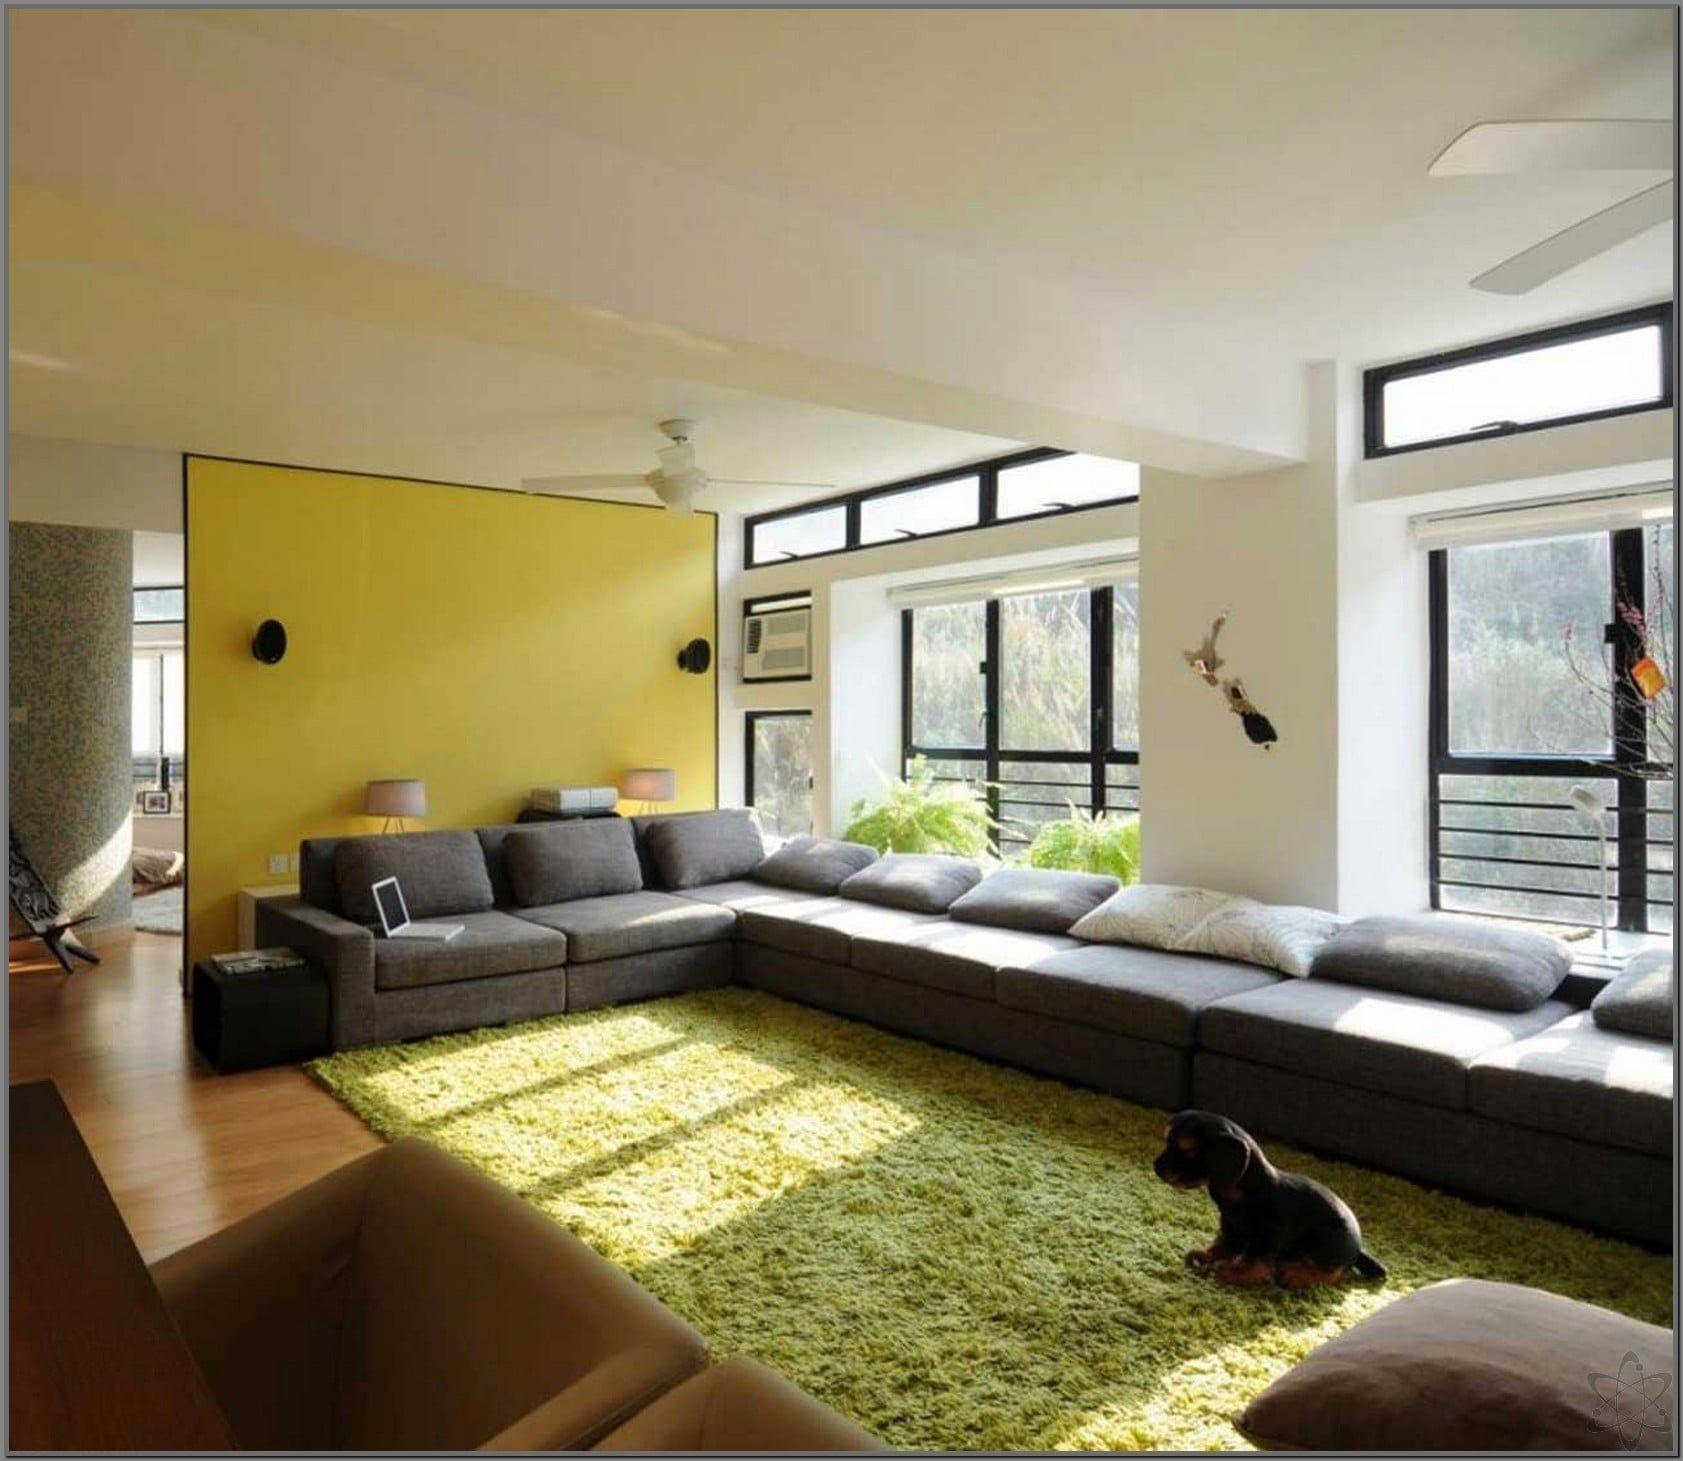 Desain Rumah Ruang Tamu Luas  Ruang keluarga minimalis, Warna